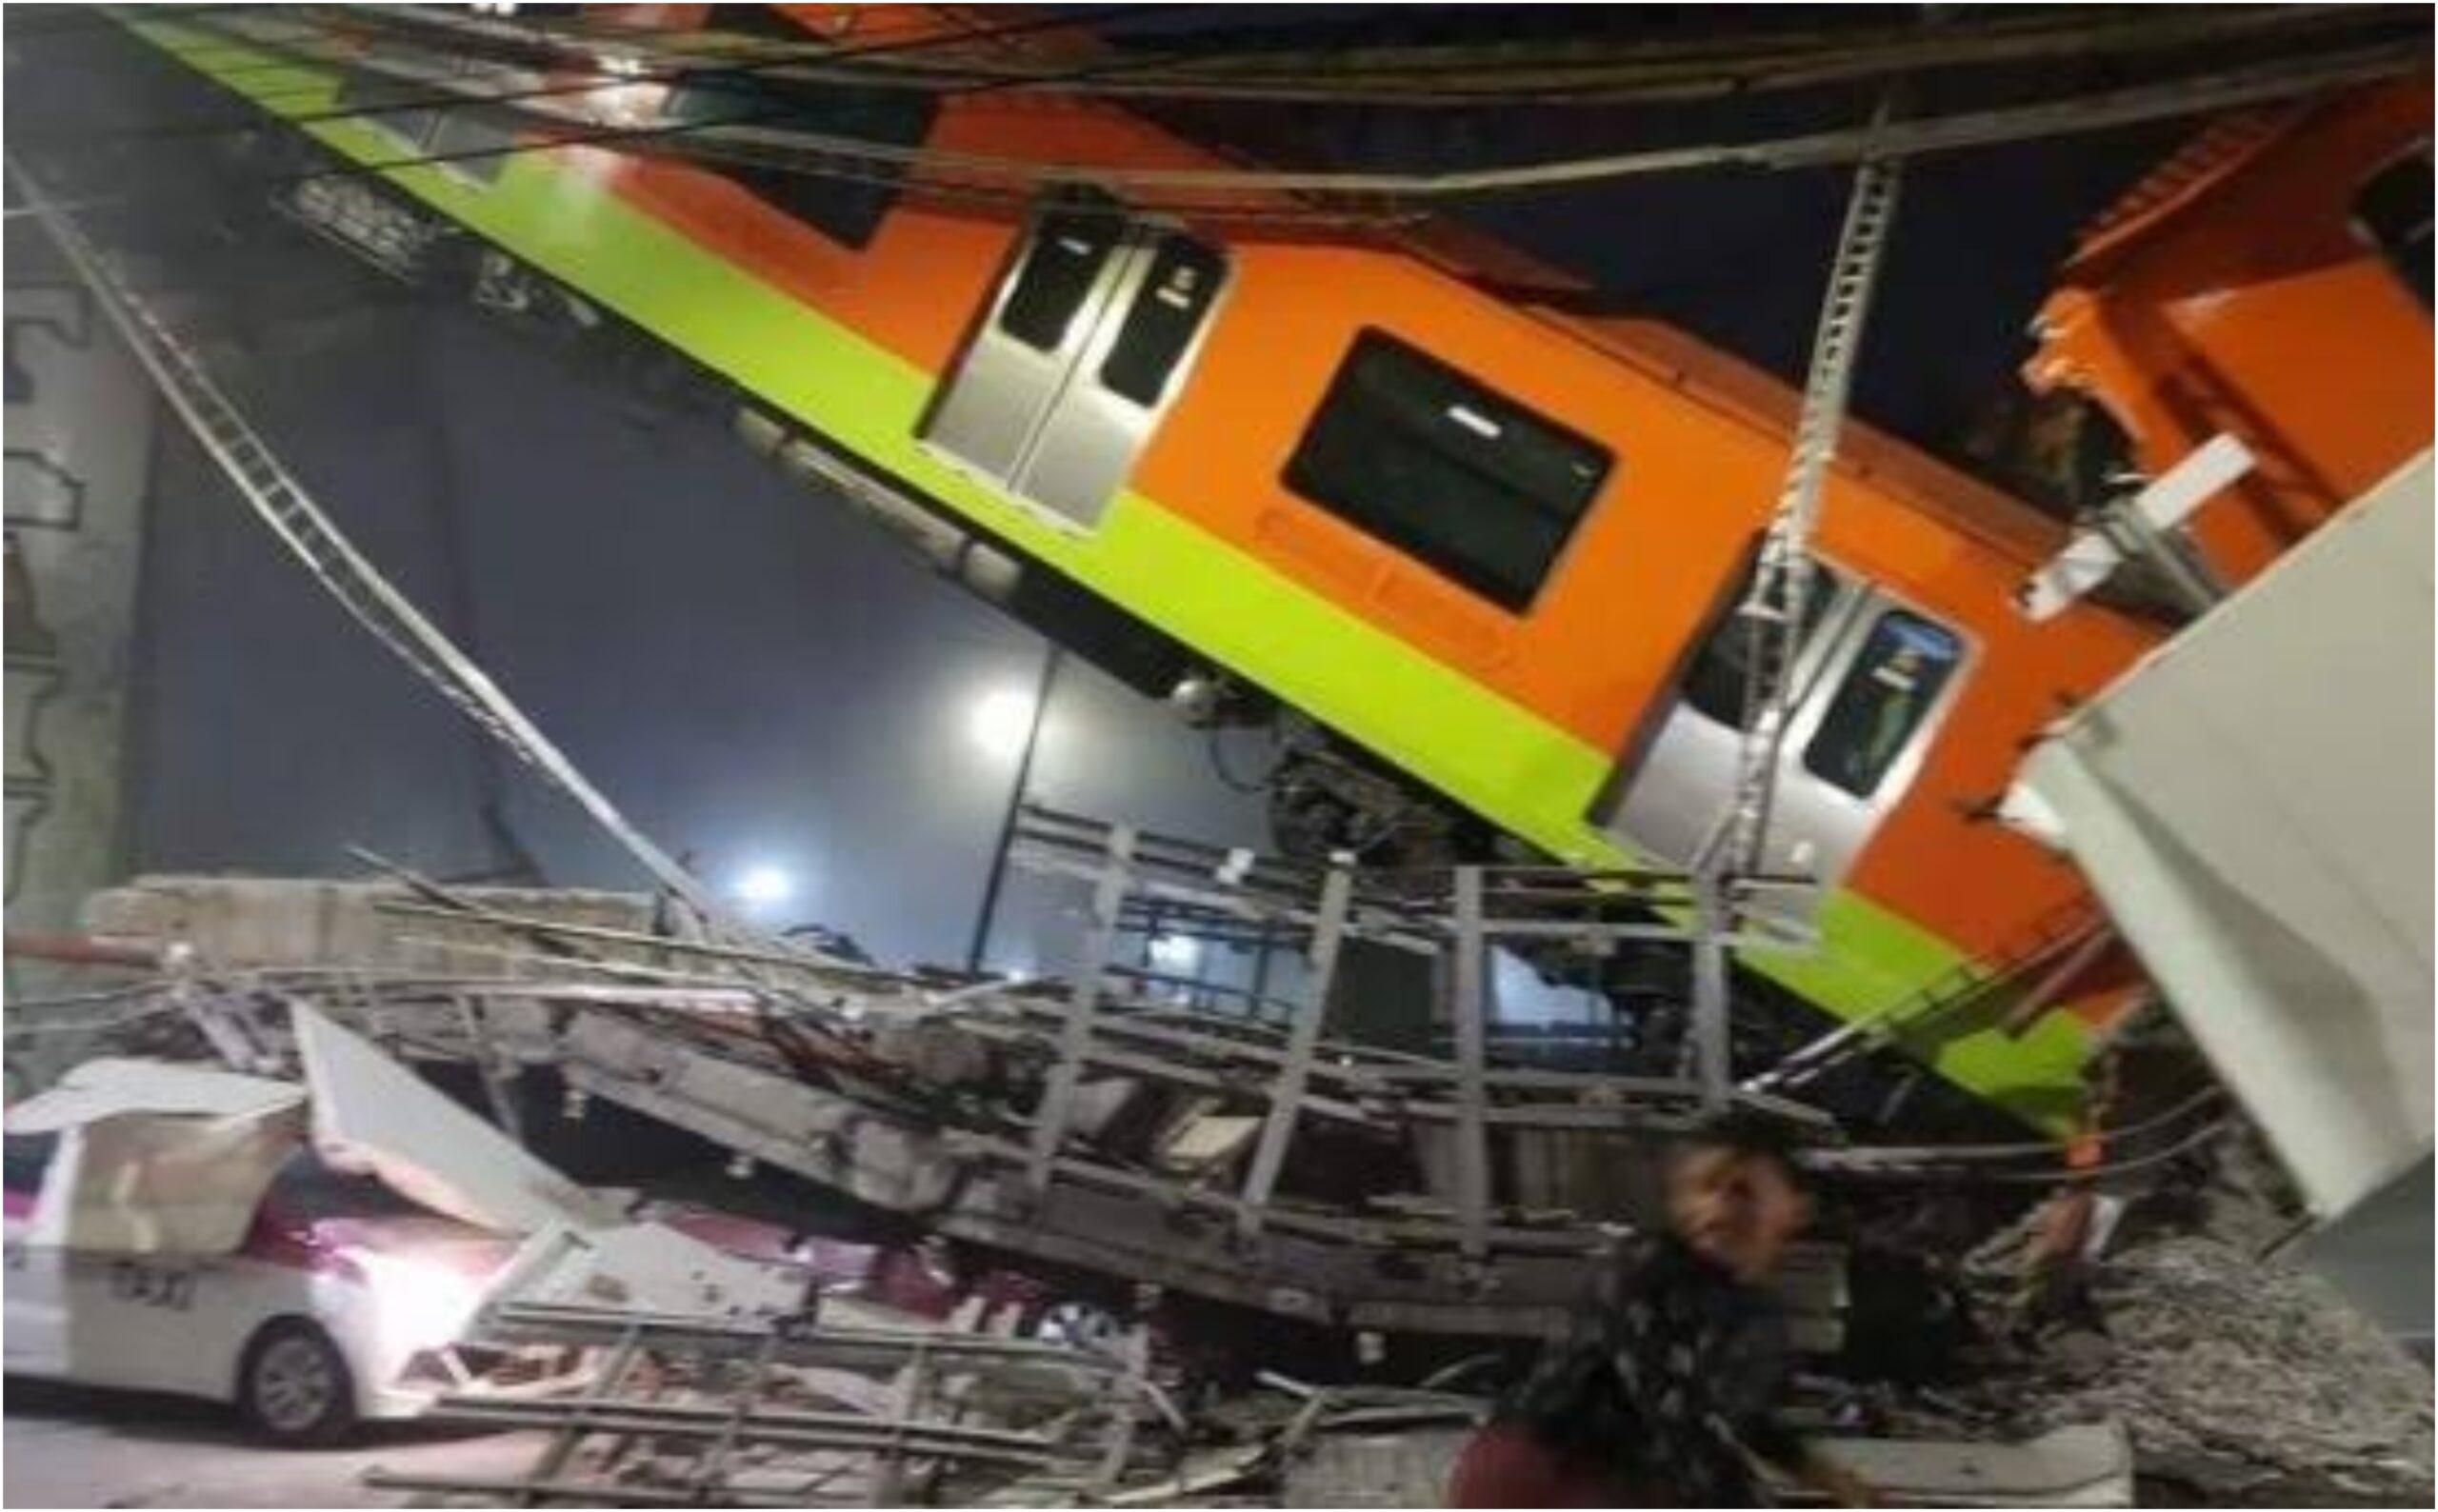 Gobierno llegará al fondo en investigación de tragedia en la Línea 2: Mario Delgado